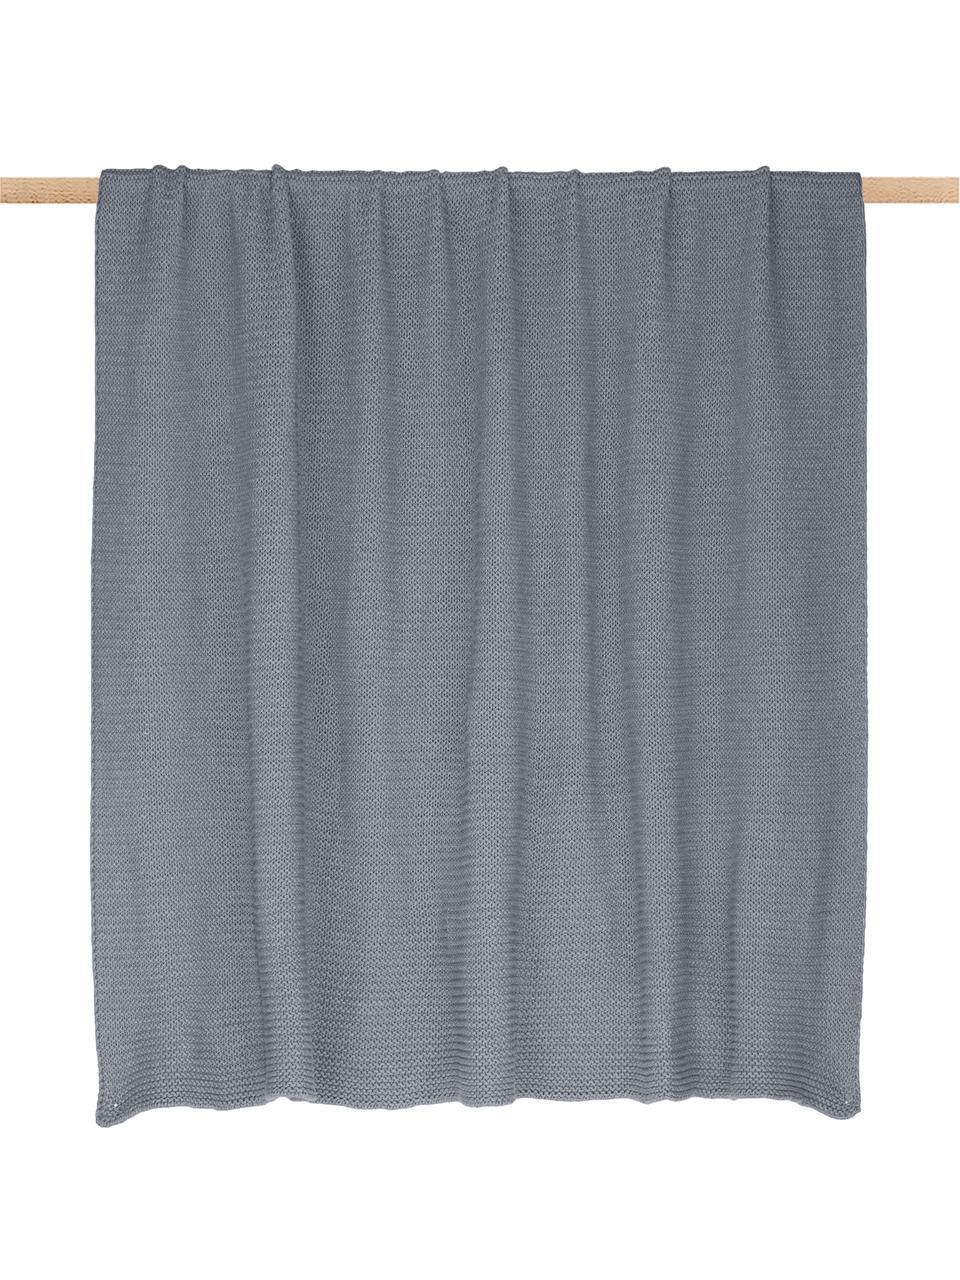 Coperta a maglia grigio chiaro Adalyn, 100% cotone, Grigio chiaro, Larg. 150 x Lung. 200 cm